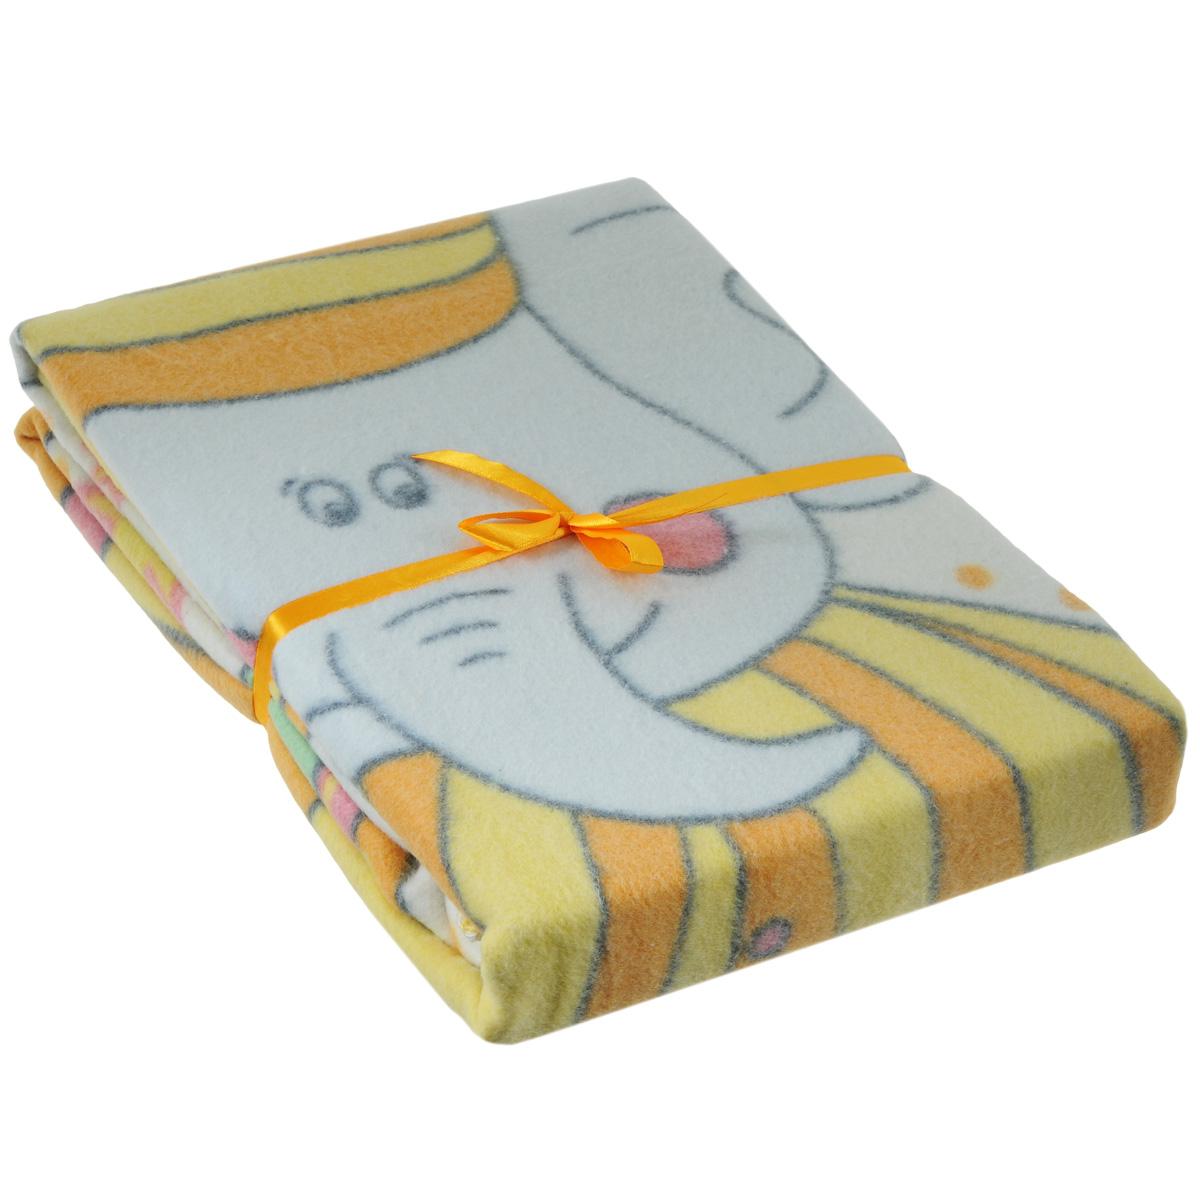 Одеяло детское Baby Nice  Пора спать , байковое, цвет: желтый, 100 см x 140 см - Детский текстиль